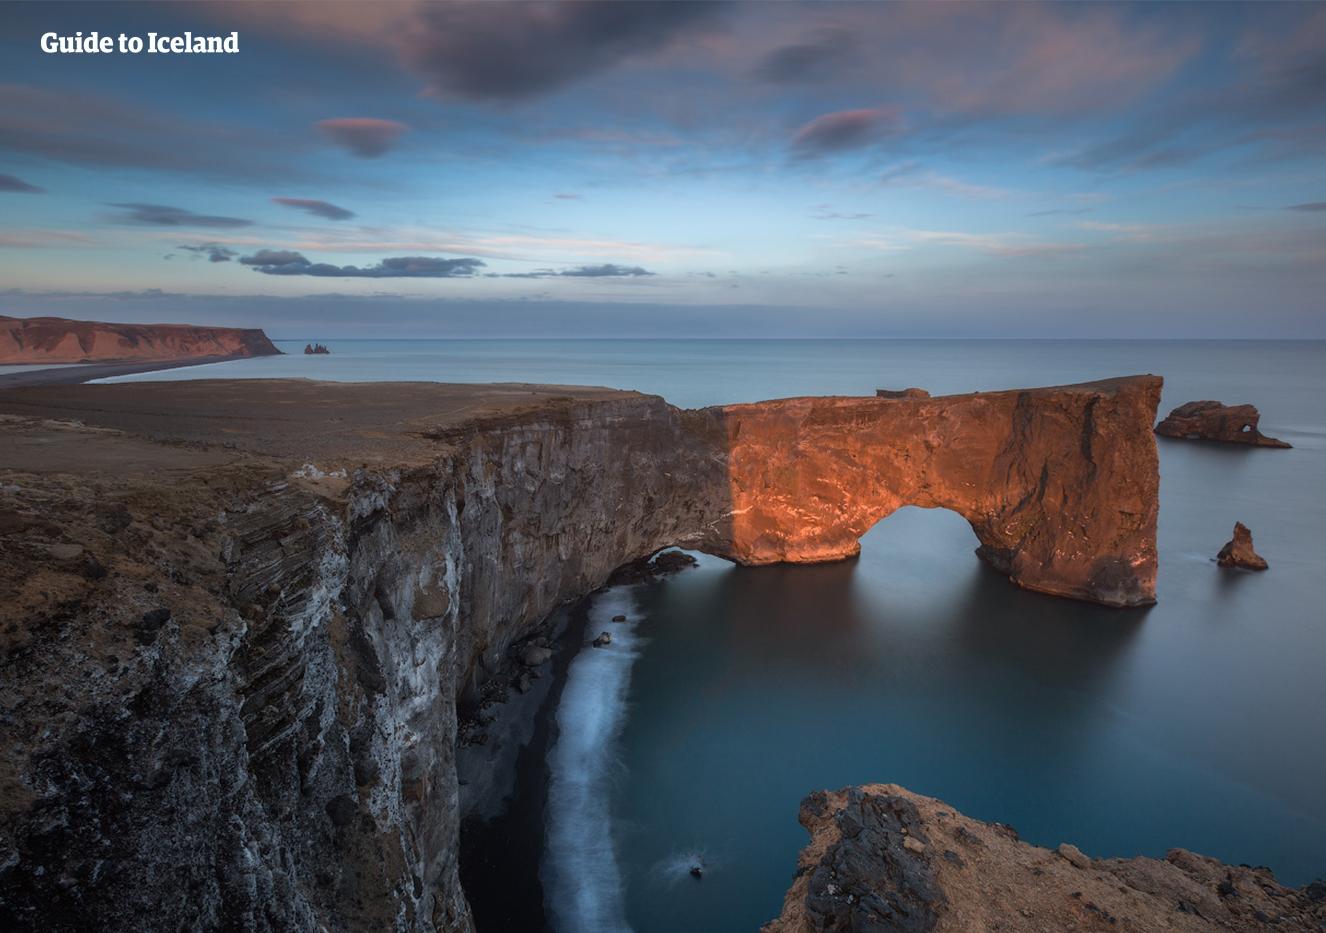 10-dniowe wakacje na Islandii z lotami z Reykjaviku do Akureyri, pełne wodospadów i gorących źródeł - day 3